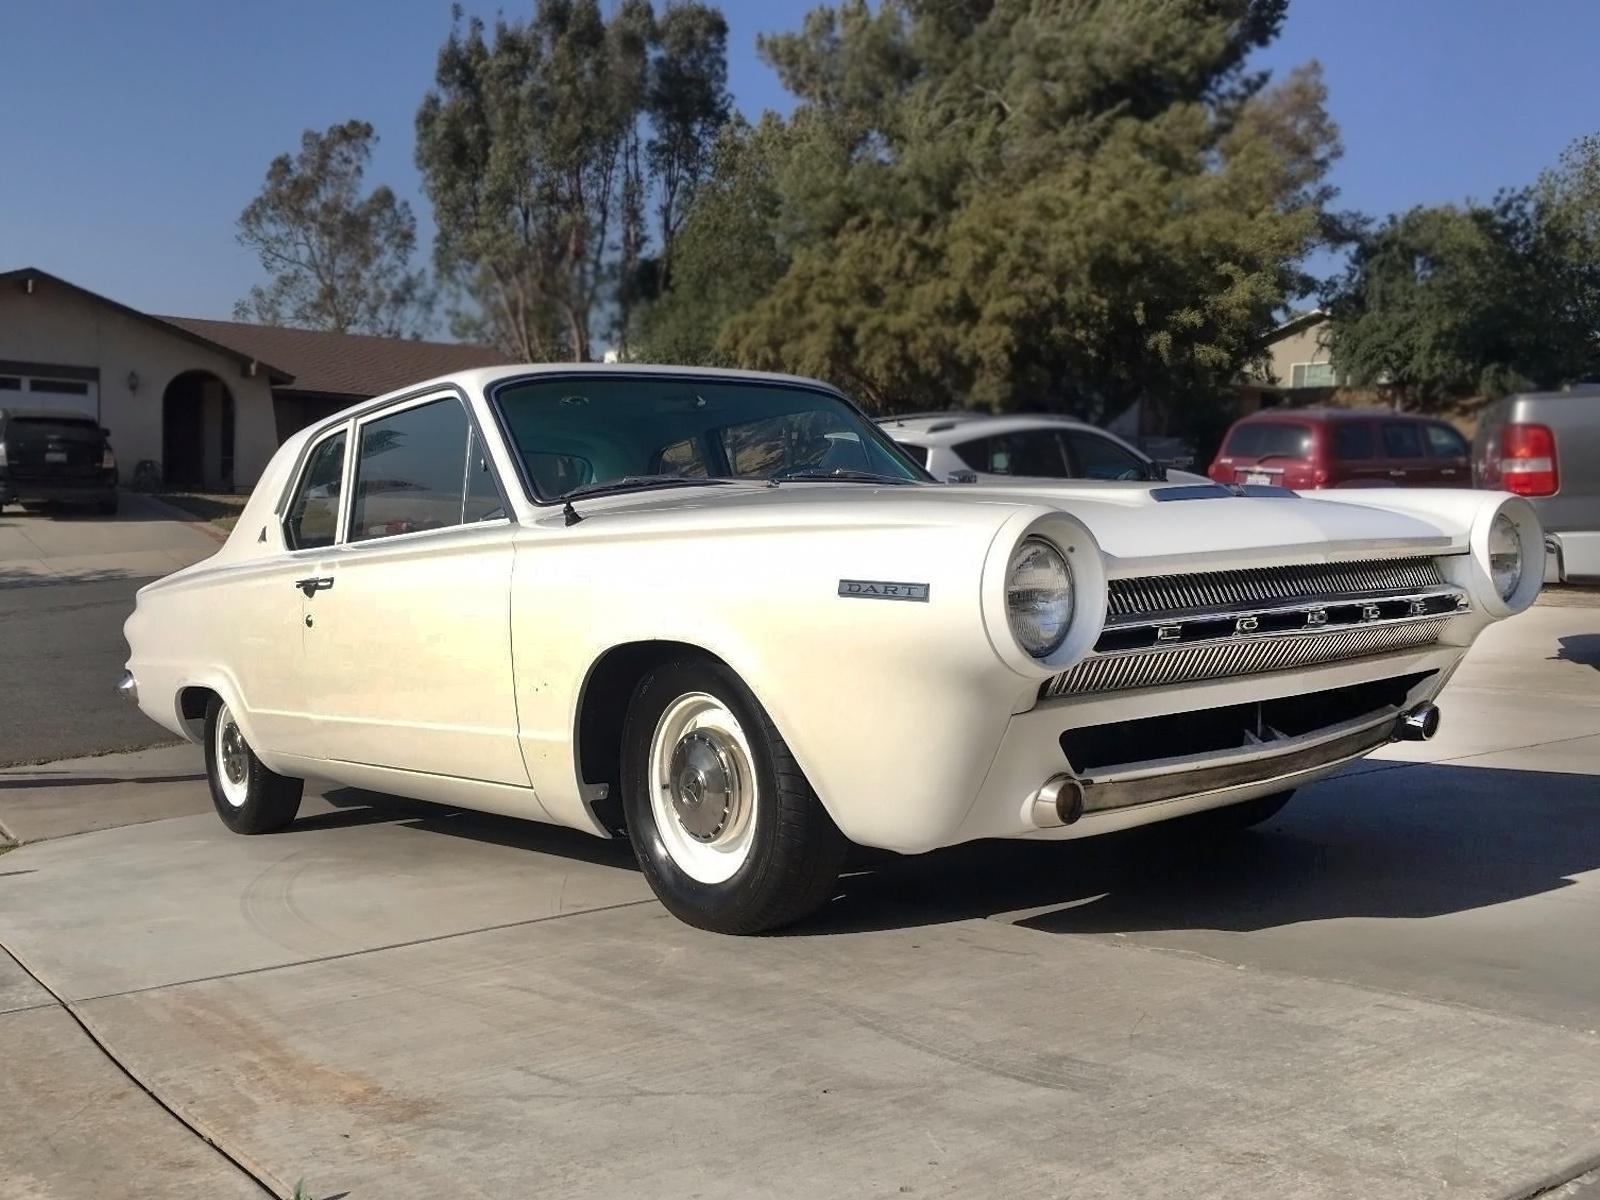 Restored Entry Level Car: 1964 Dodge Dart 170